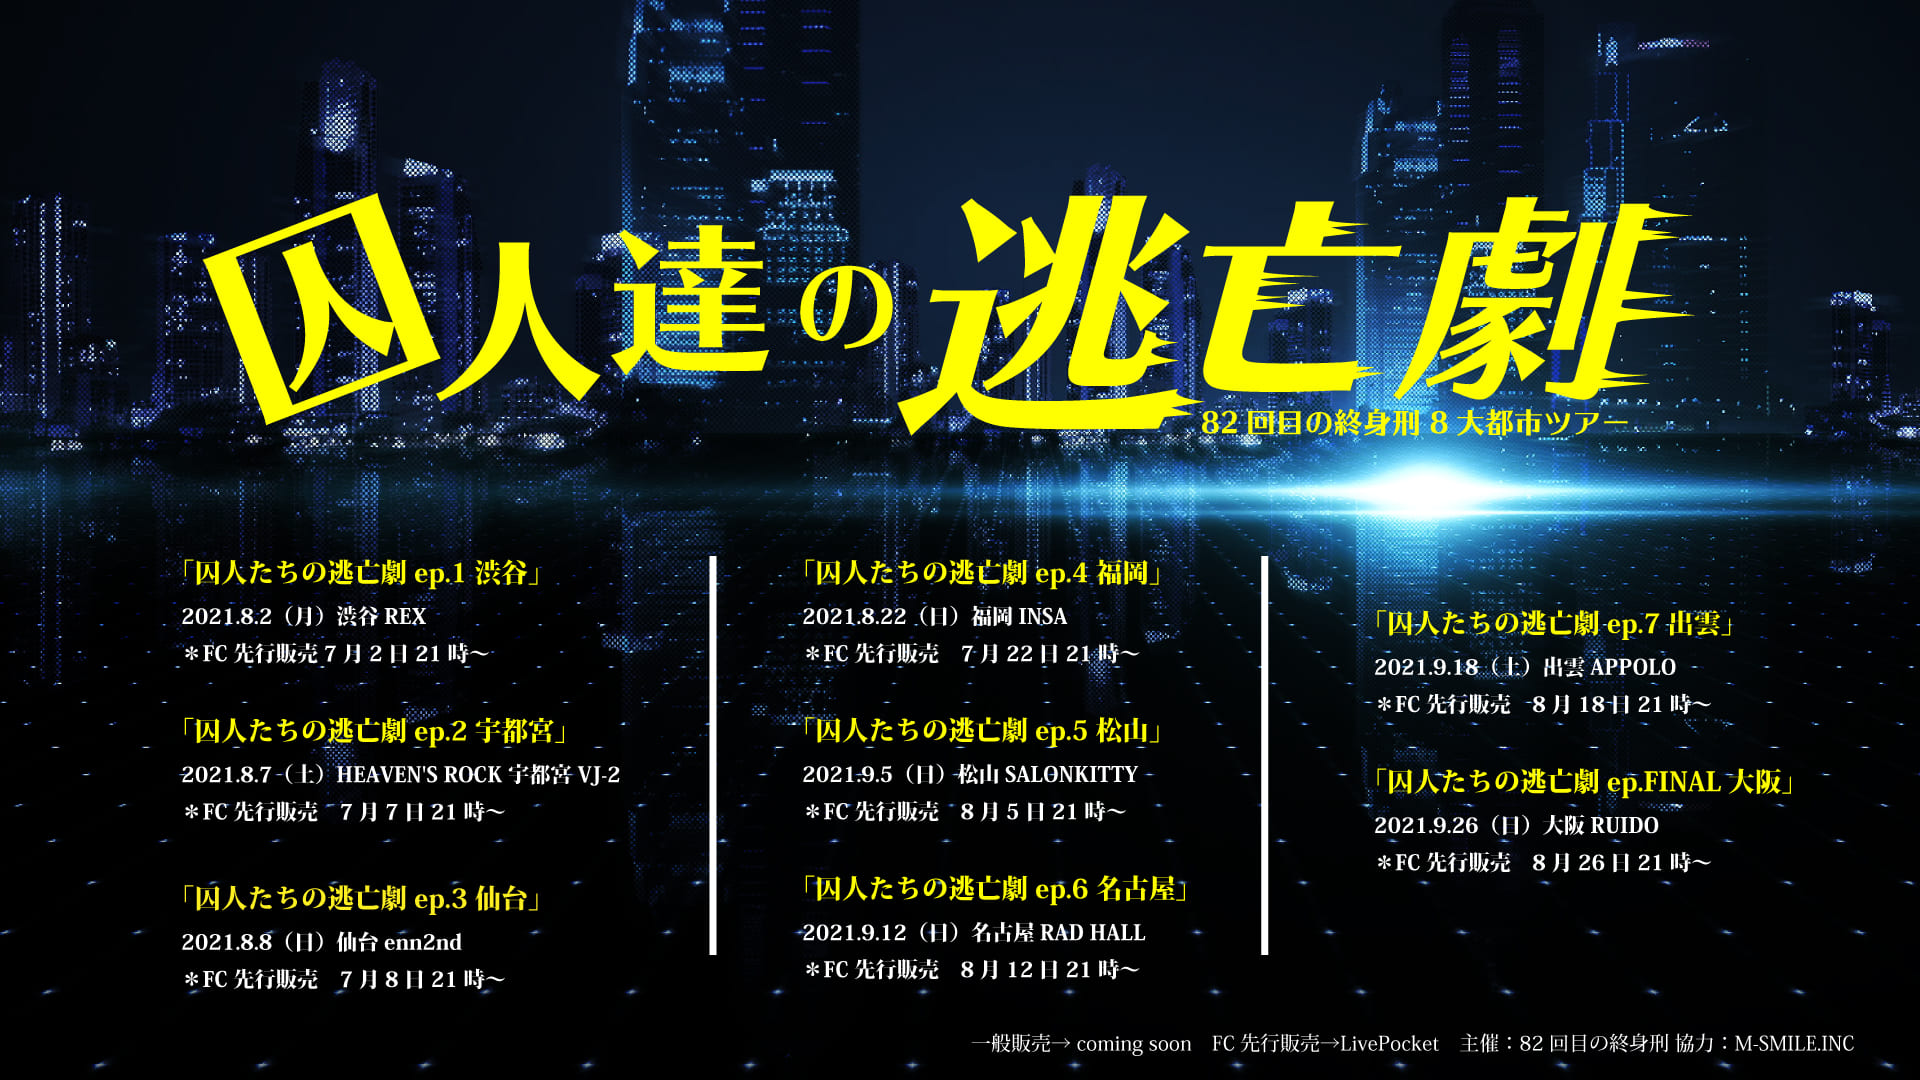 82回目の終身刑 8大都市ツアー 「囚人たちの逃亡劇 EP.1 渋谷」